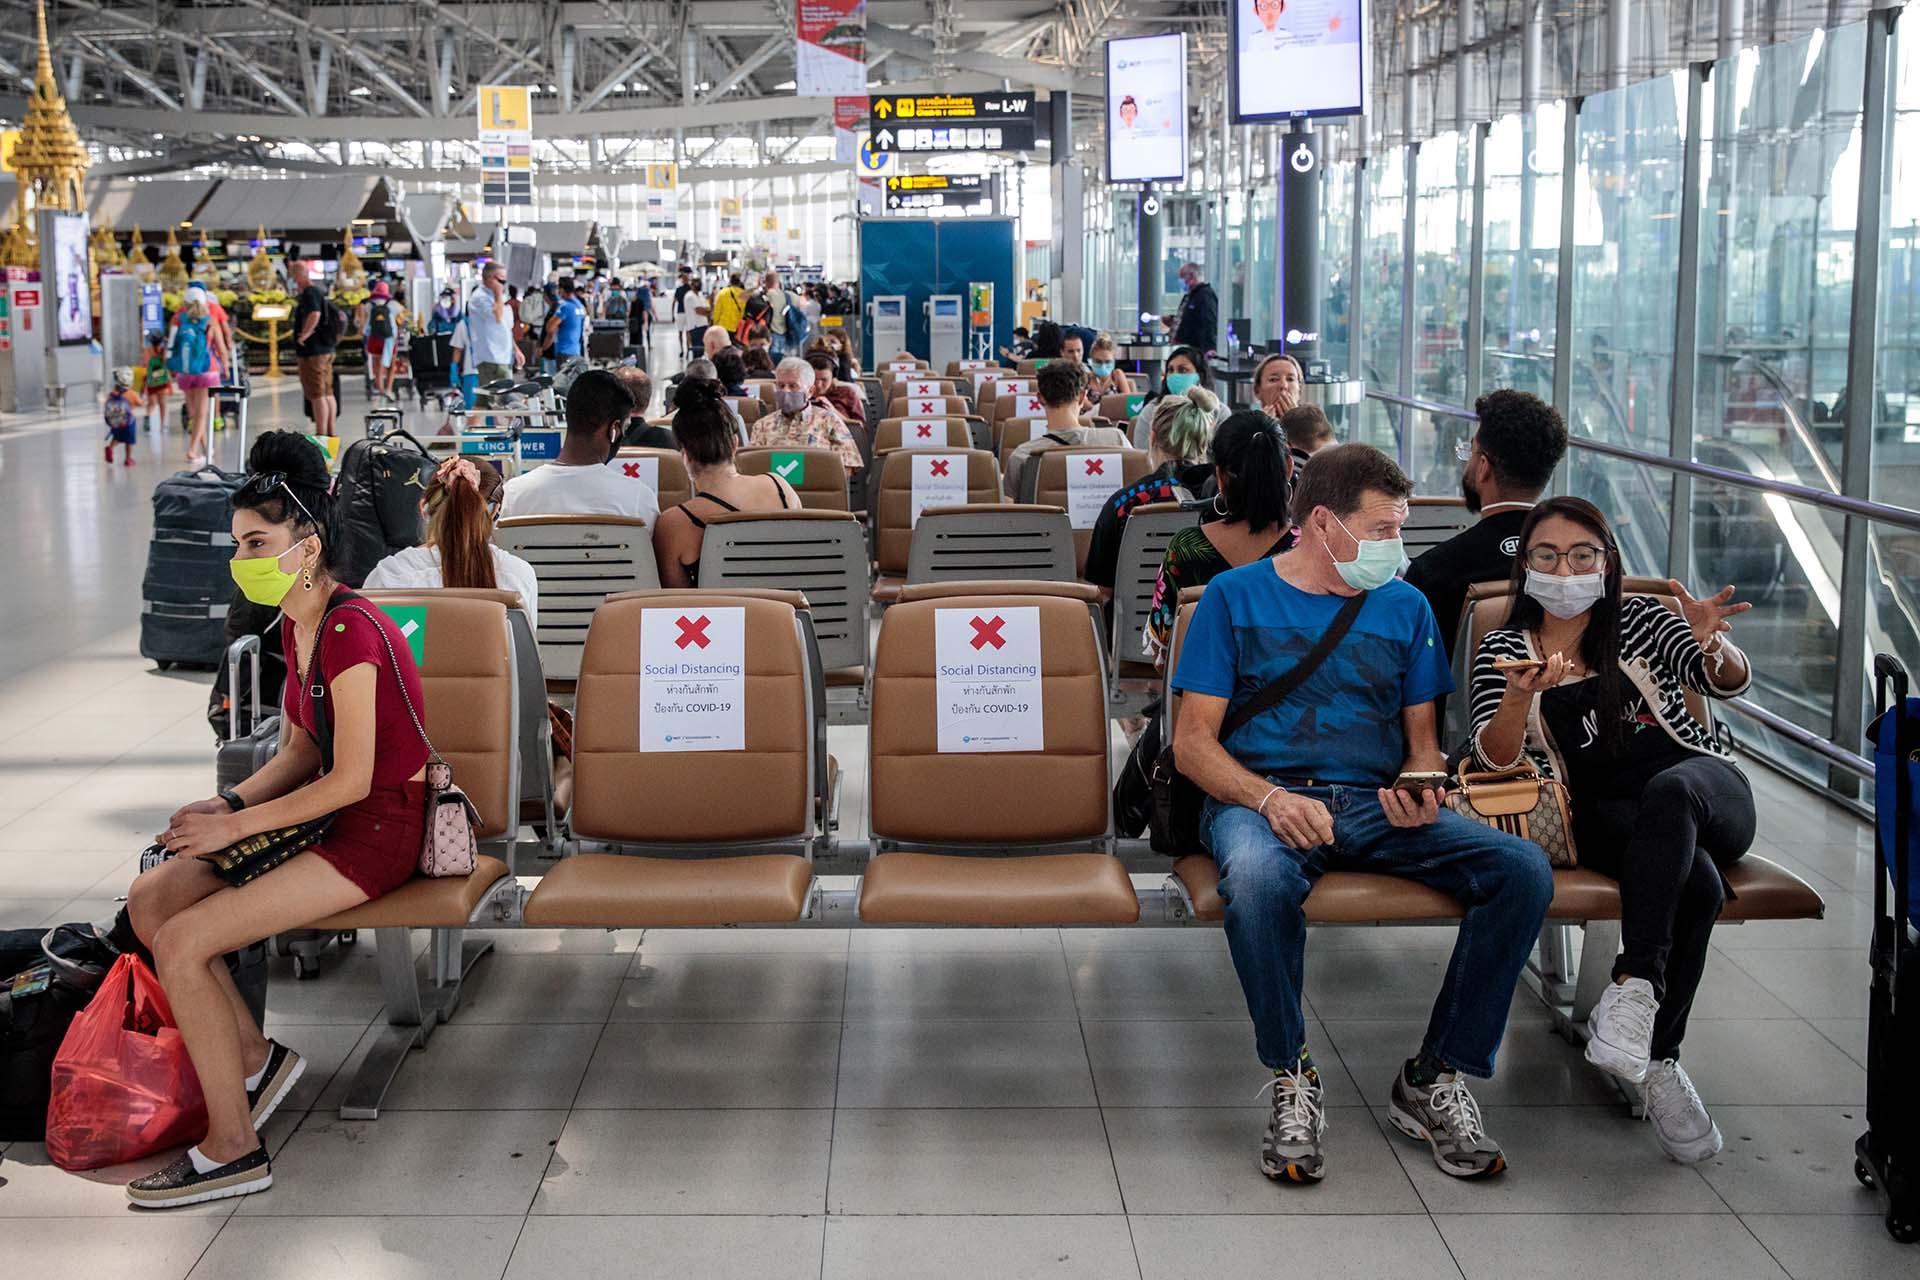 Una zona de espera en el Aeropuerto de Bangkok, Tailandia.